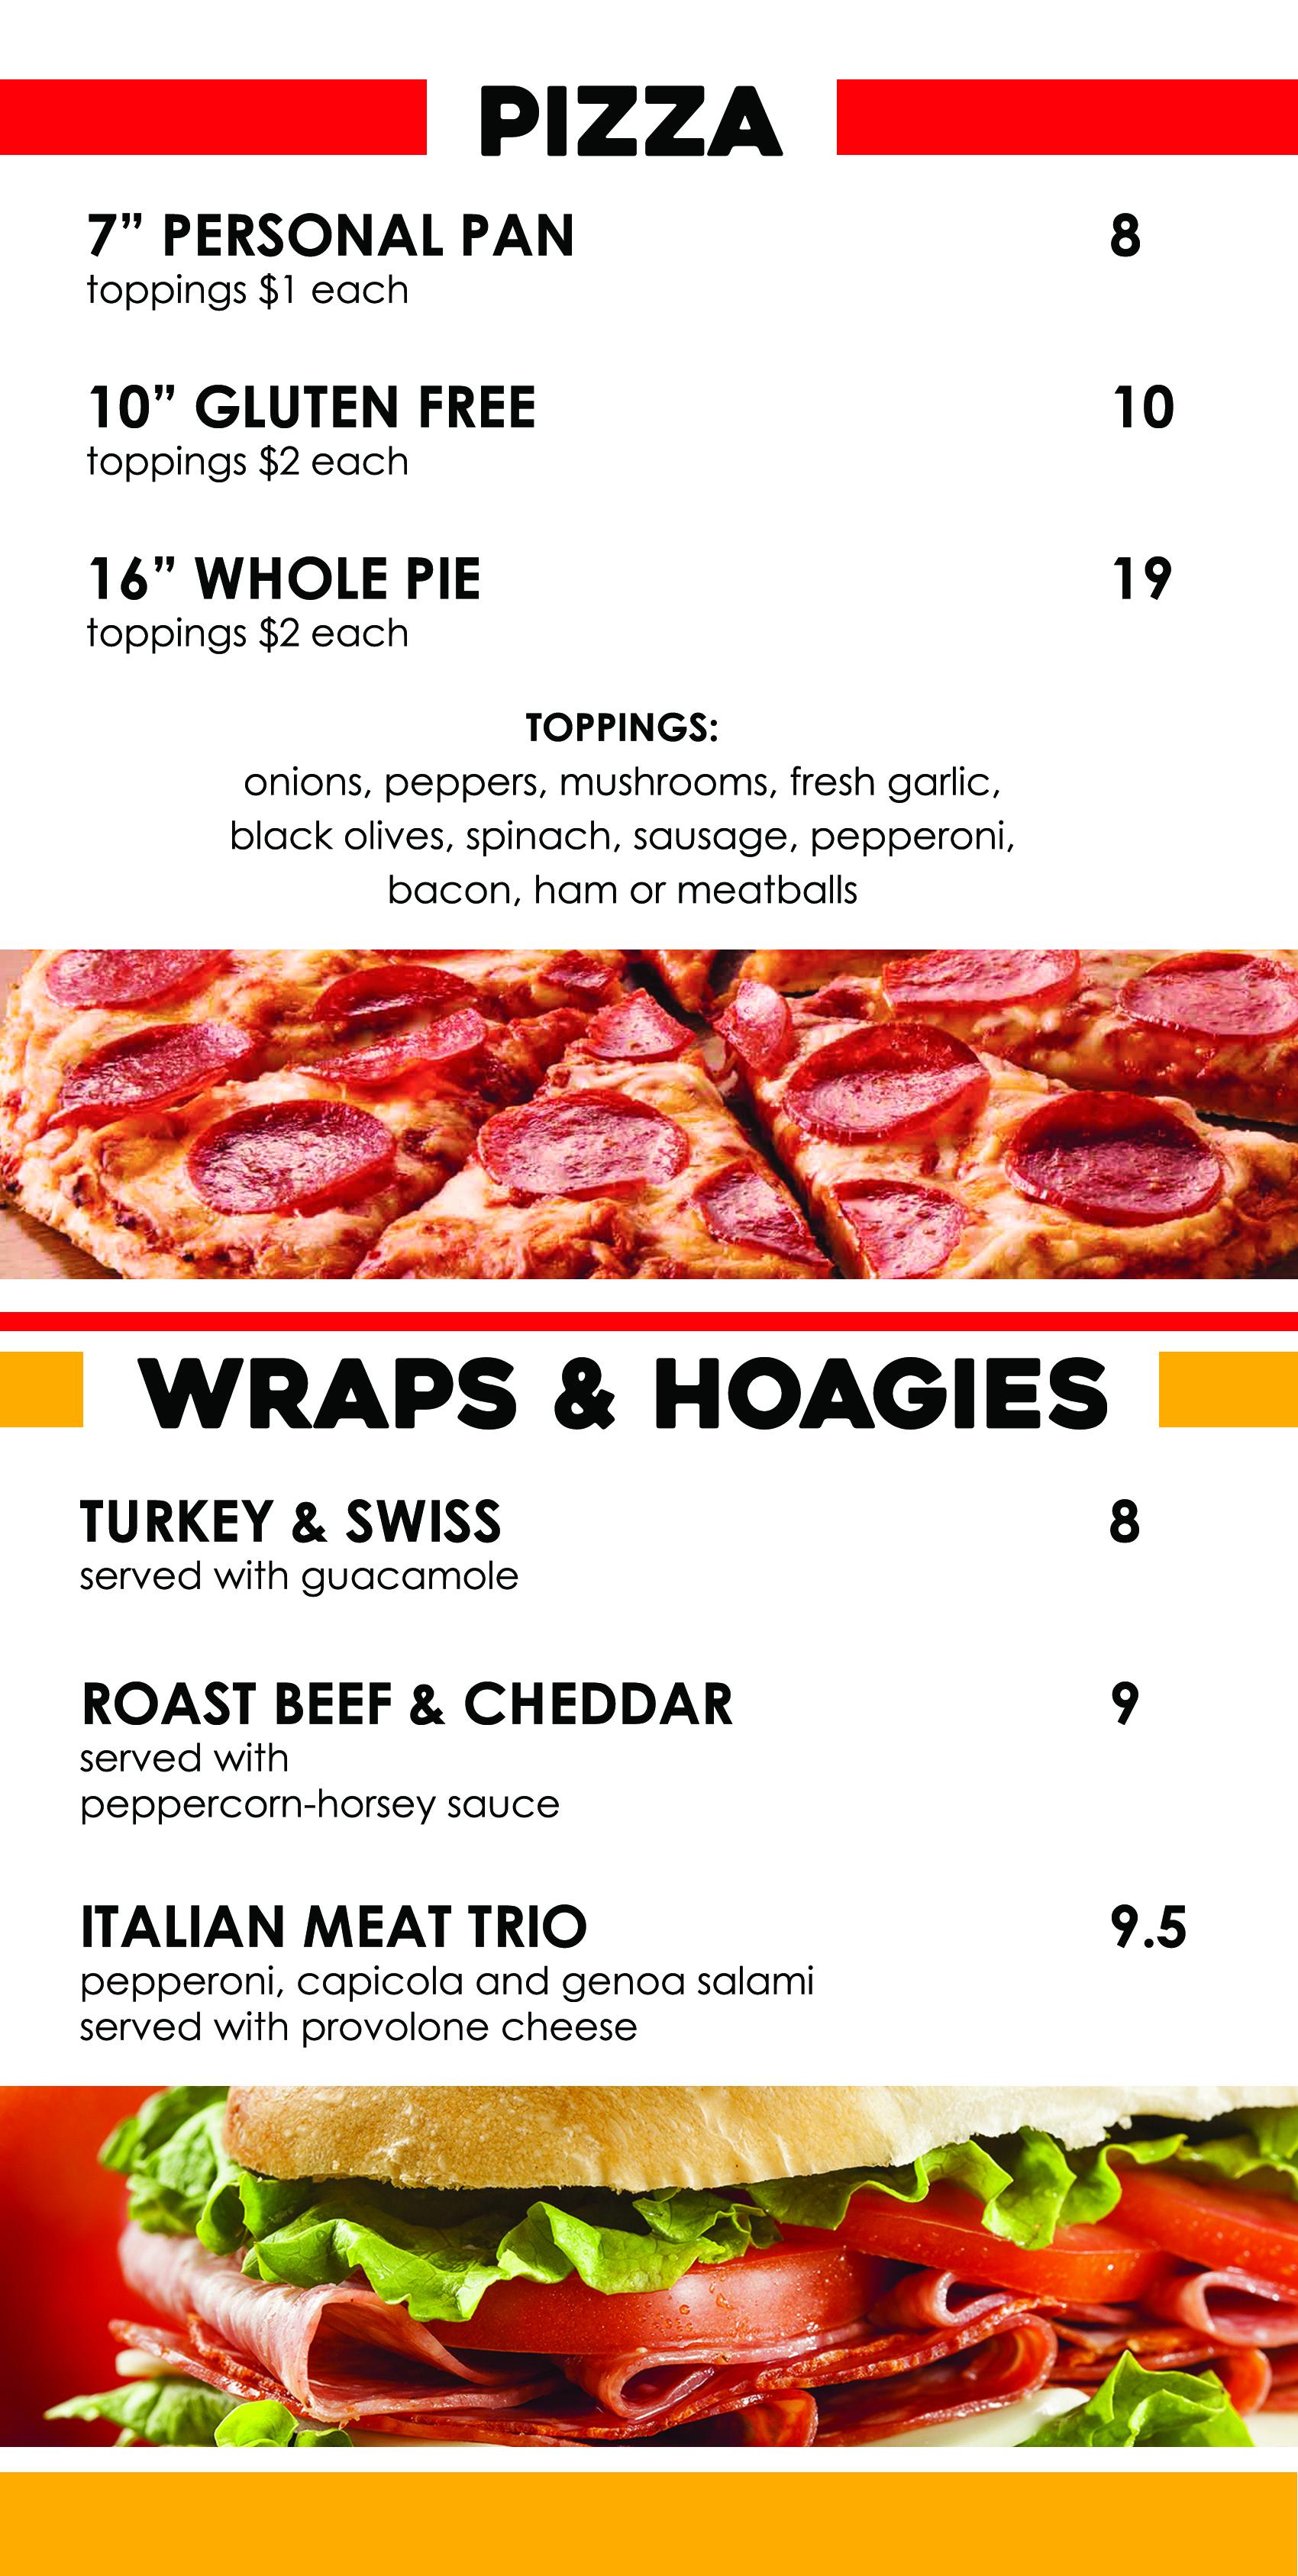 Pizza & Wraps